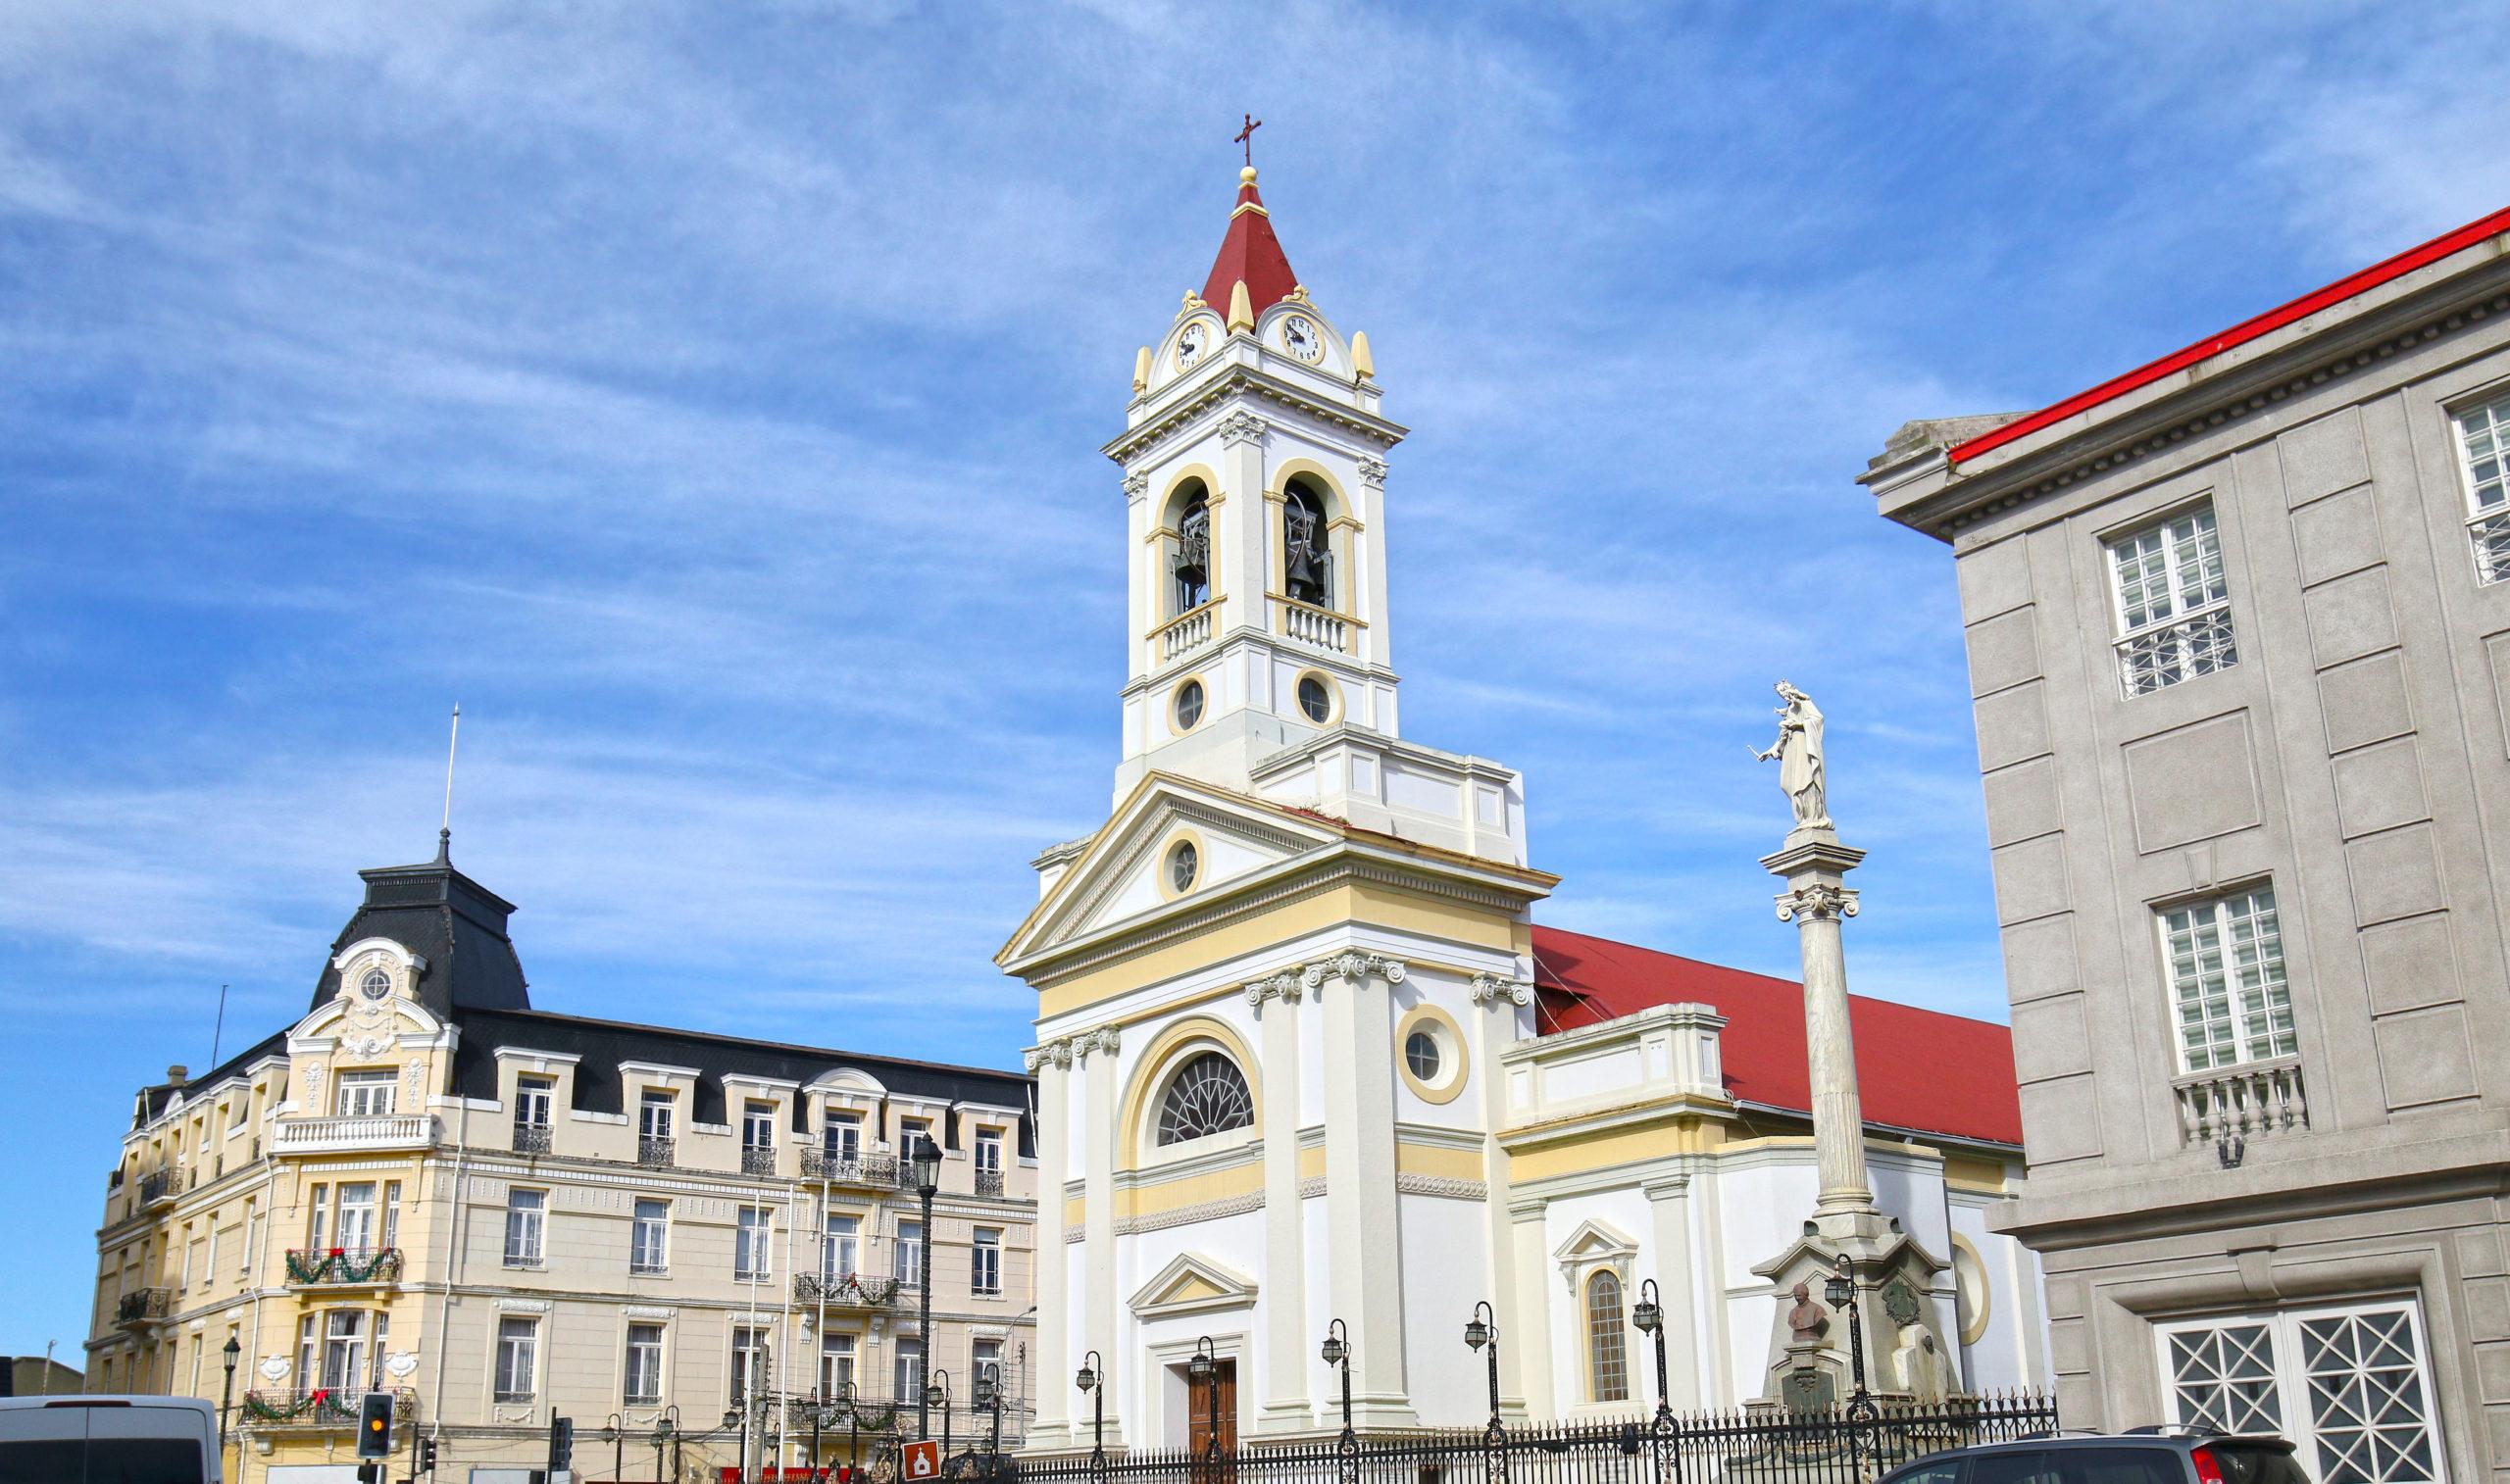 Cathédrale du Sacré-Cœur (Cathédrale du Sacré-Cœur) sur la Plaza Munoz Gamero, Punta Arenas, Chili. Crédit photo: Birdiegal/ 123Rf